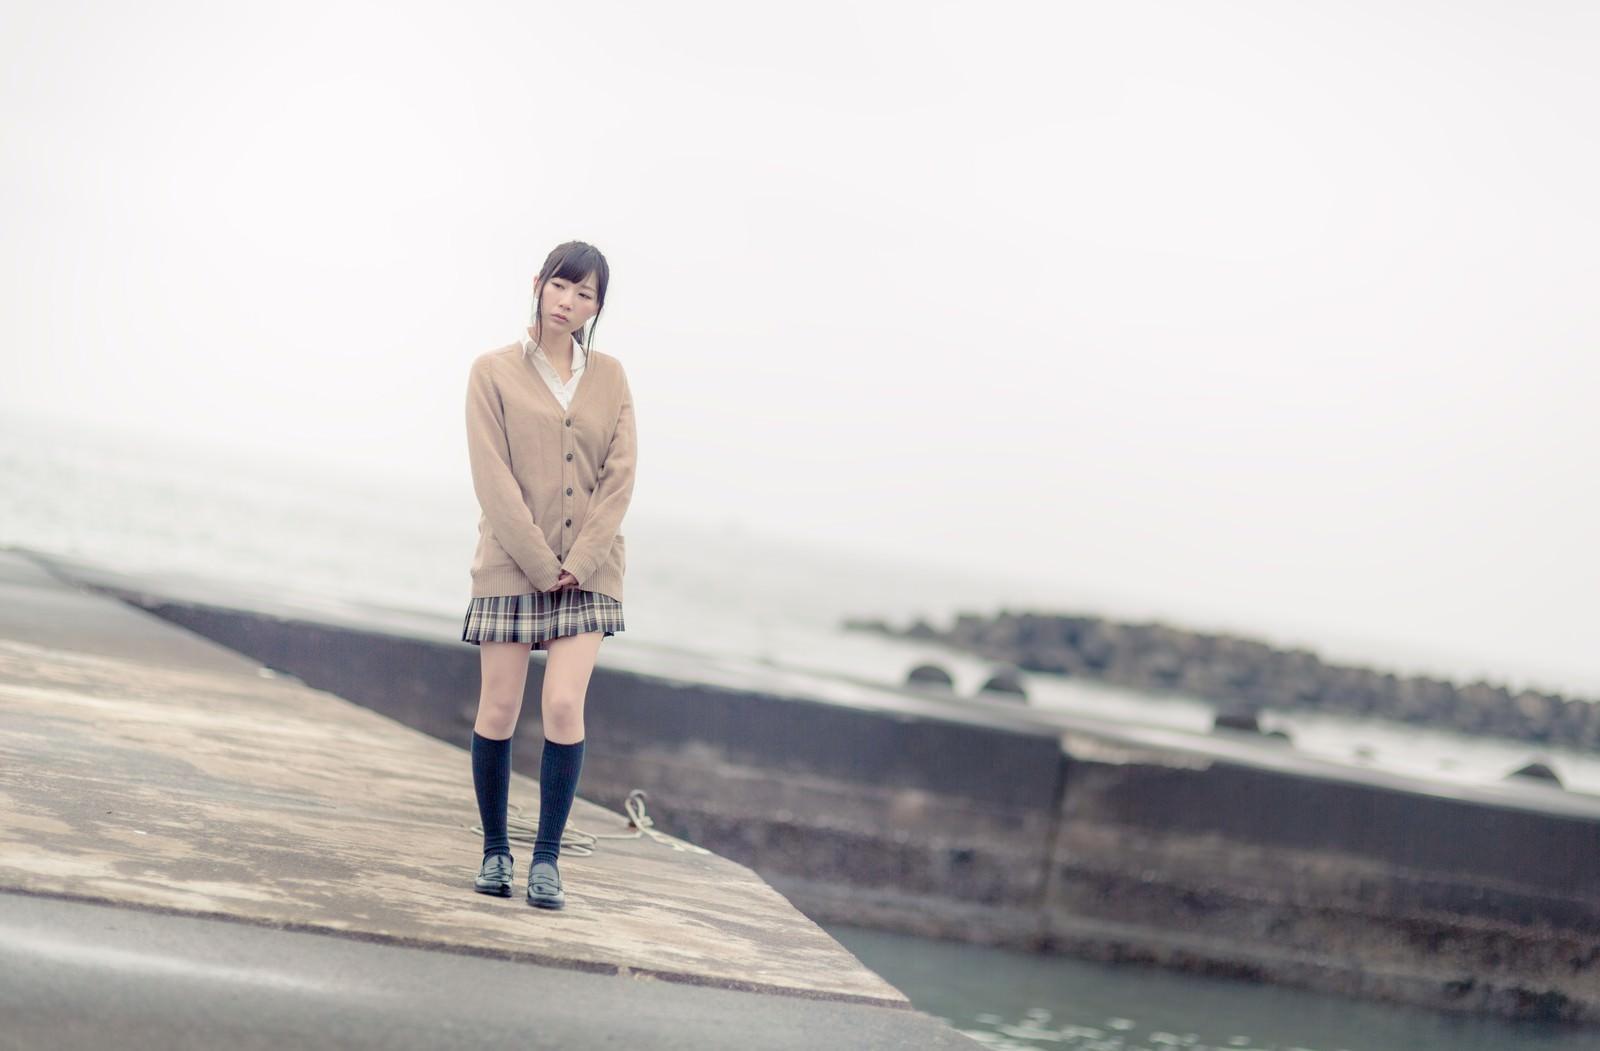 埠頭を歩く女子高生 無料の写真素材はフリー素材のぱくたそ